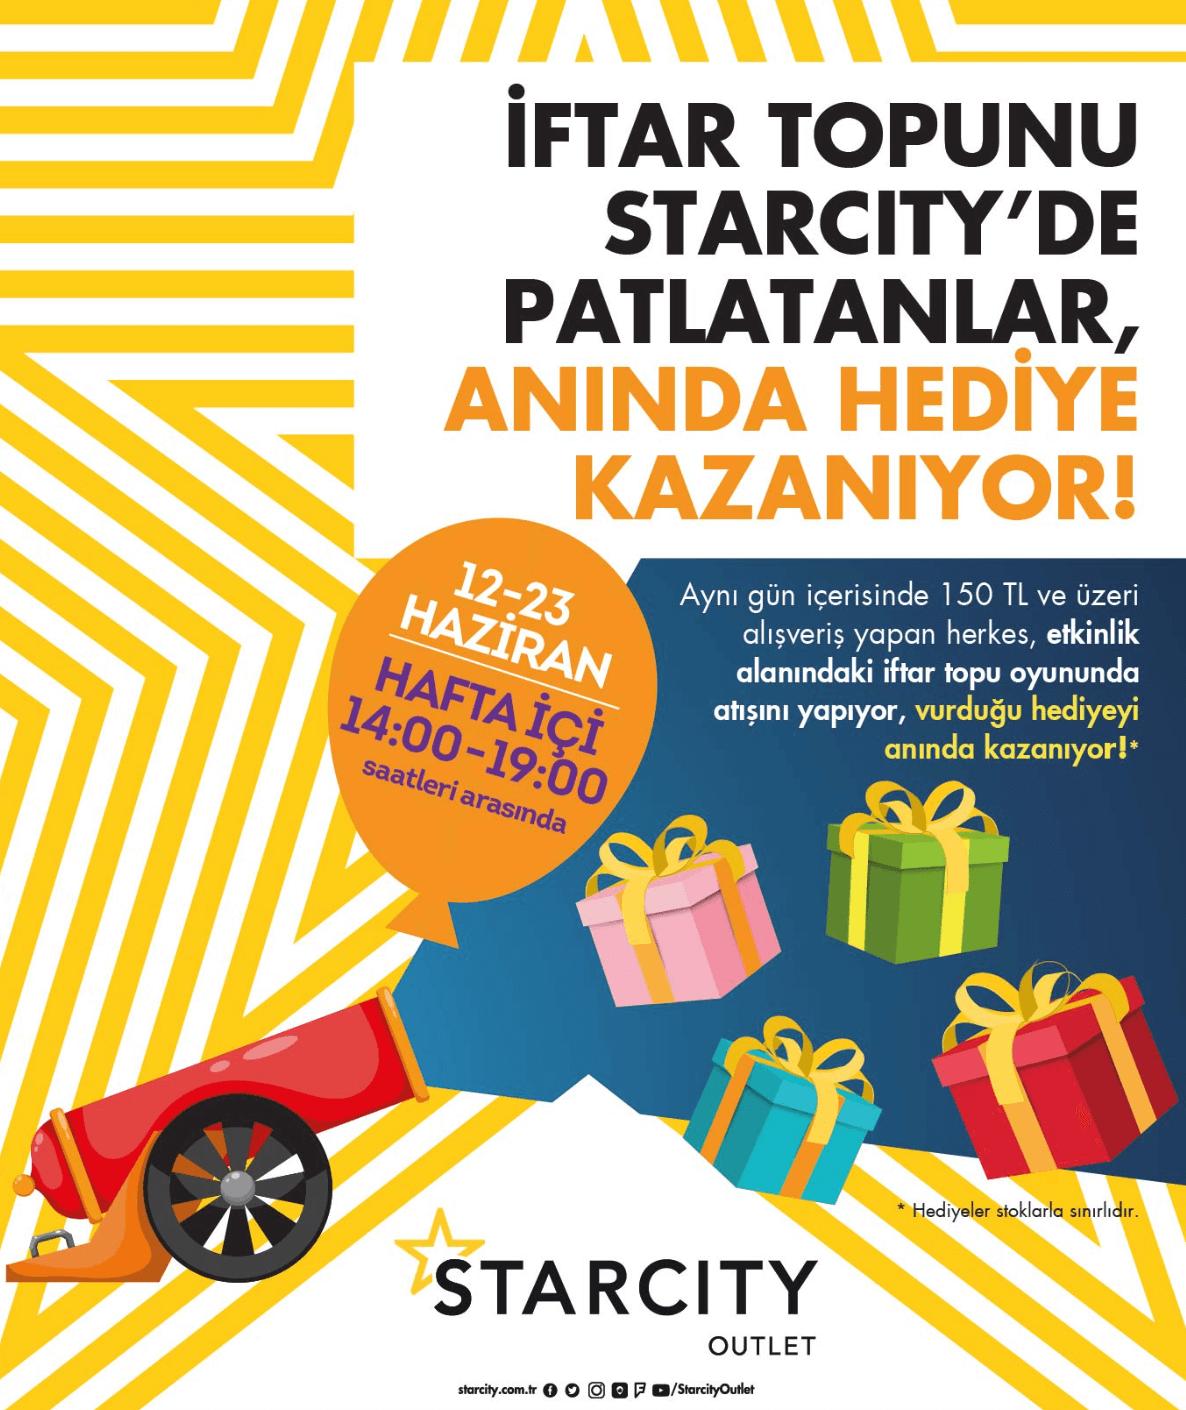 Hafta içi Starcity'e Gelenler, Ramazan Hediyelerinin Sahibi Oluyor